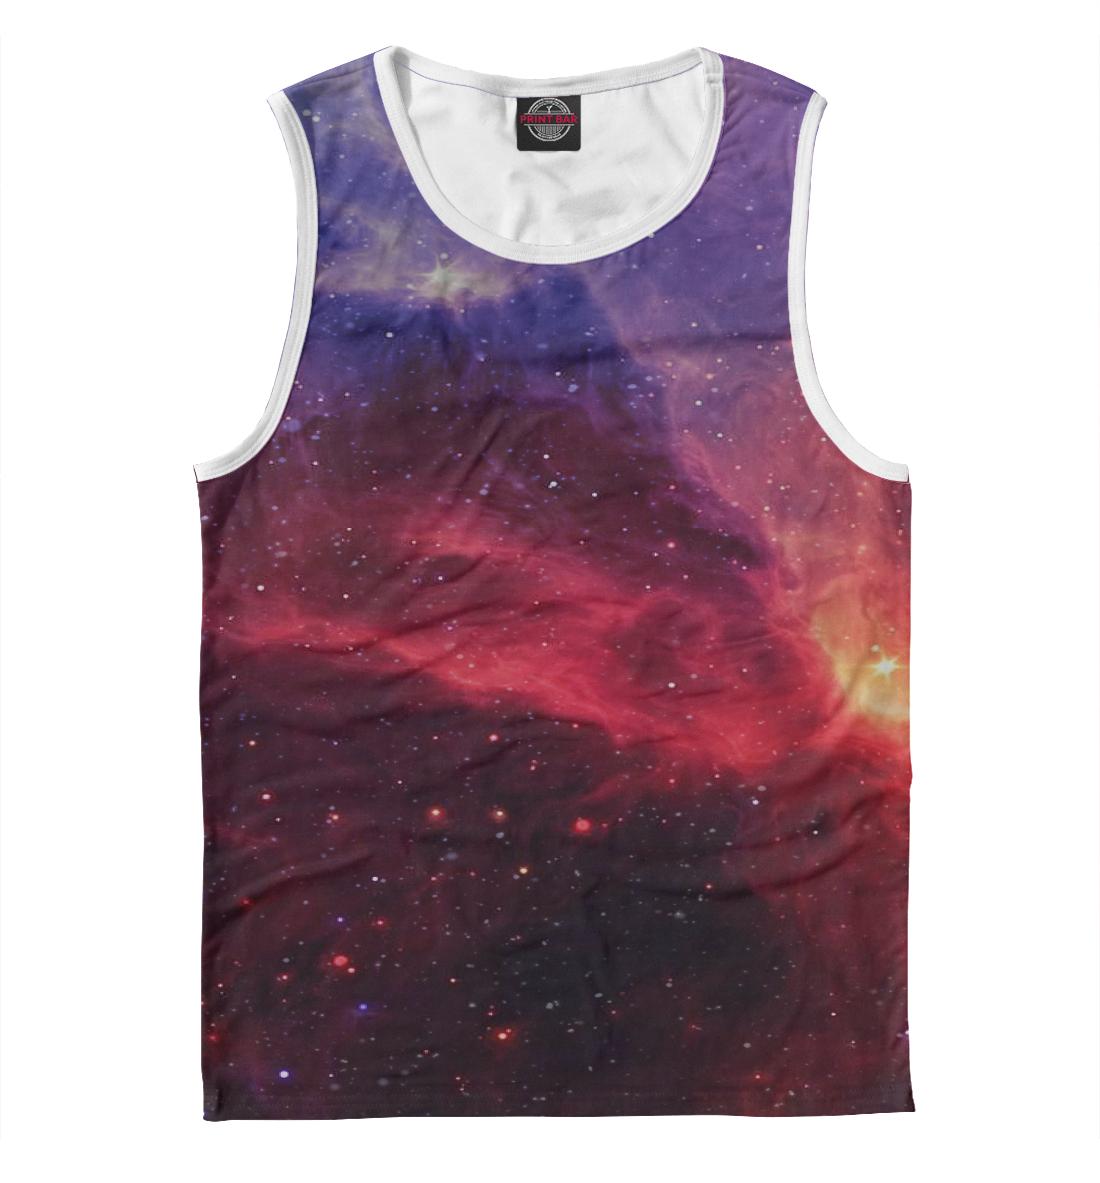 Купить Космический свет, Printbar, Майки, APD-104651-may-2